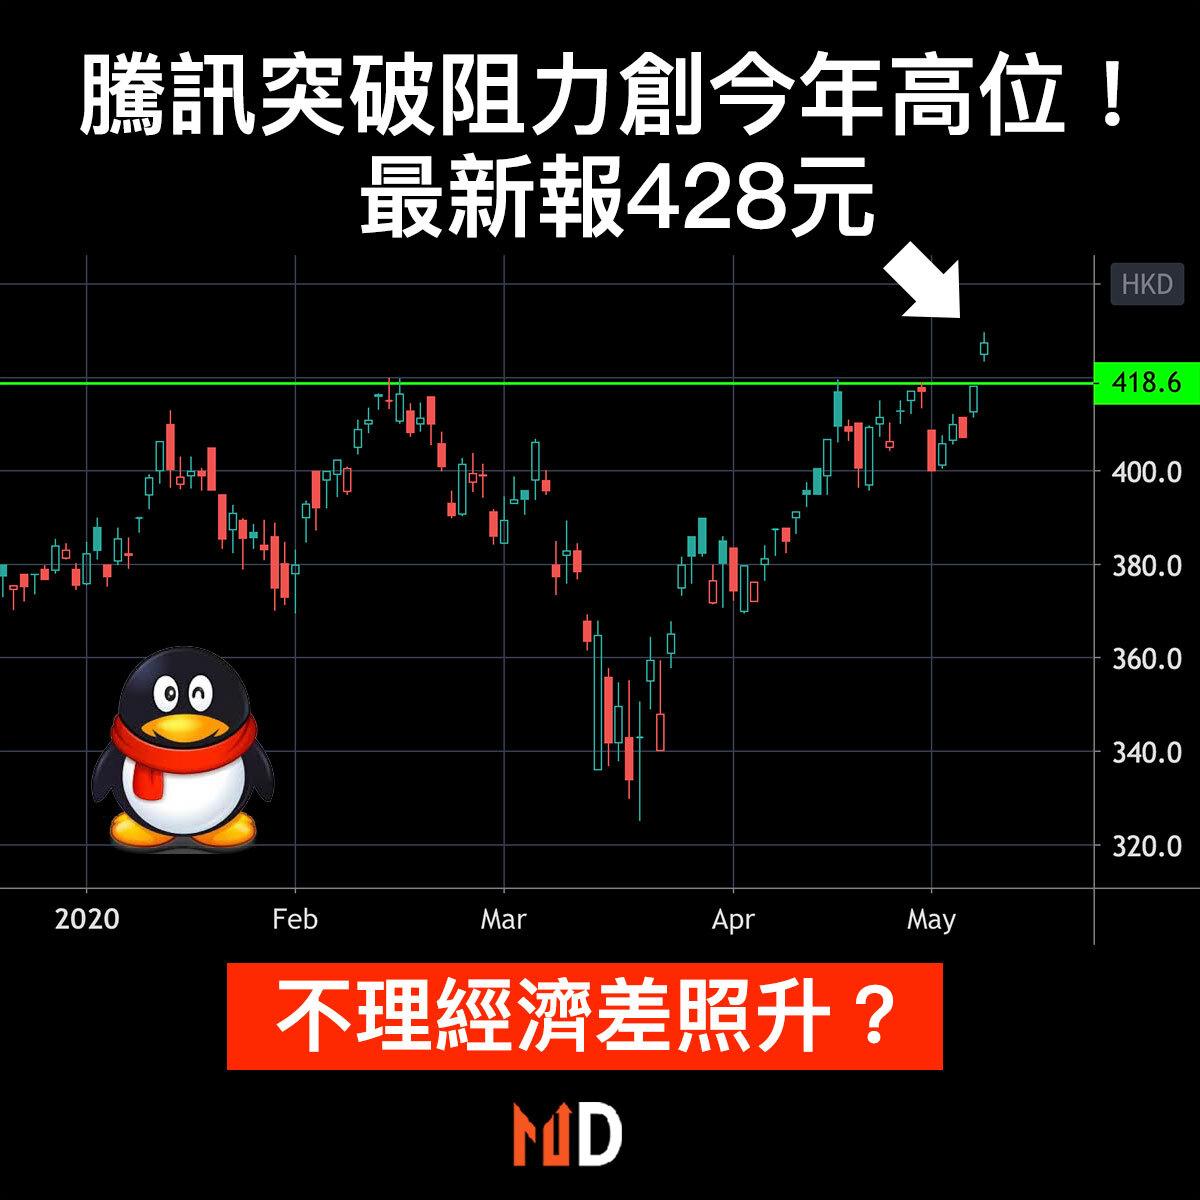 【#市場熱話】騰訊迫近430元大關,創近兩年來新高